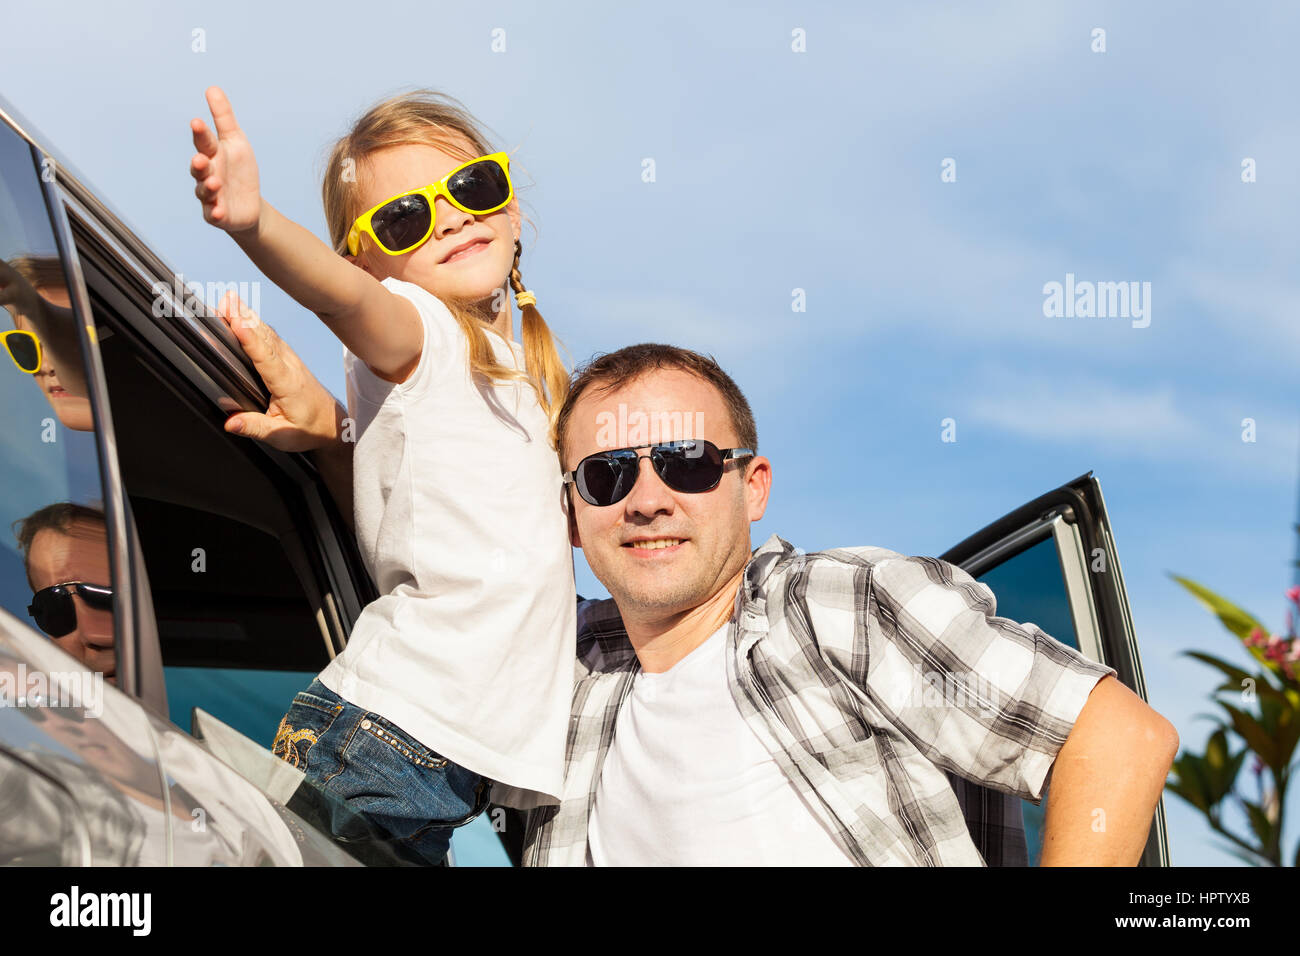 Heureux père et fille se préparer pour road trip sur une journée ensoleillée. Concept de famille Photo Stock